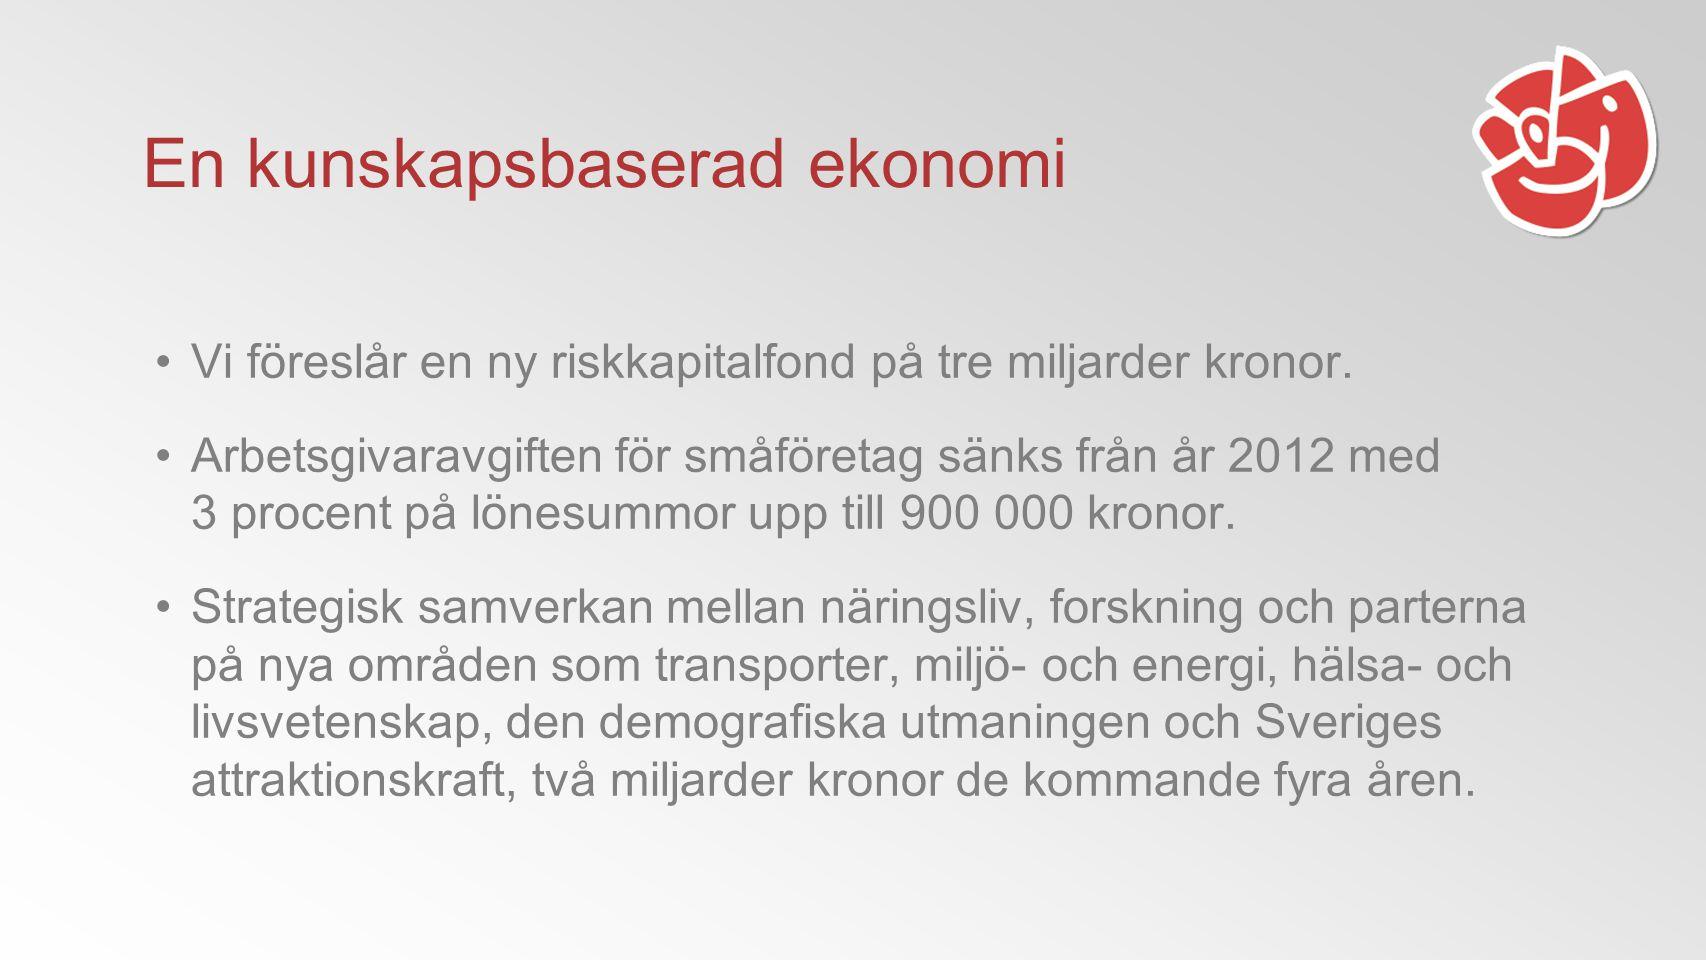 Vi föreslår en ny riskkapitalfond på tre miljarder kronor.